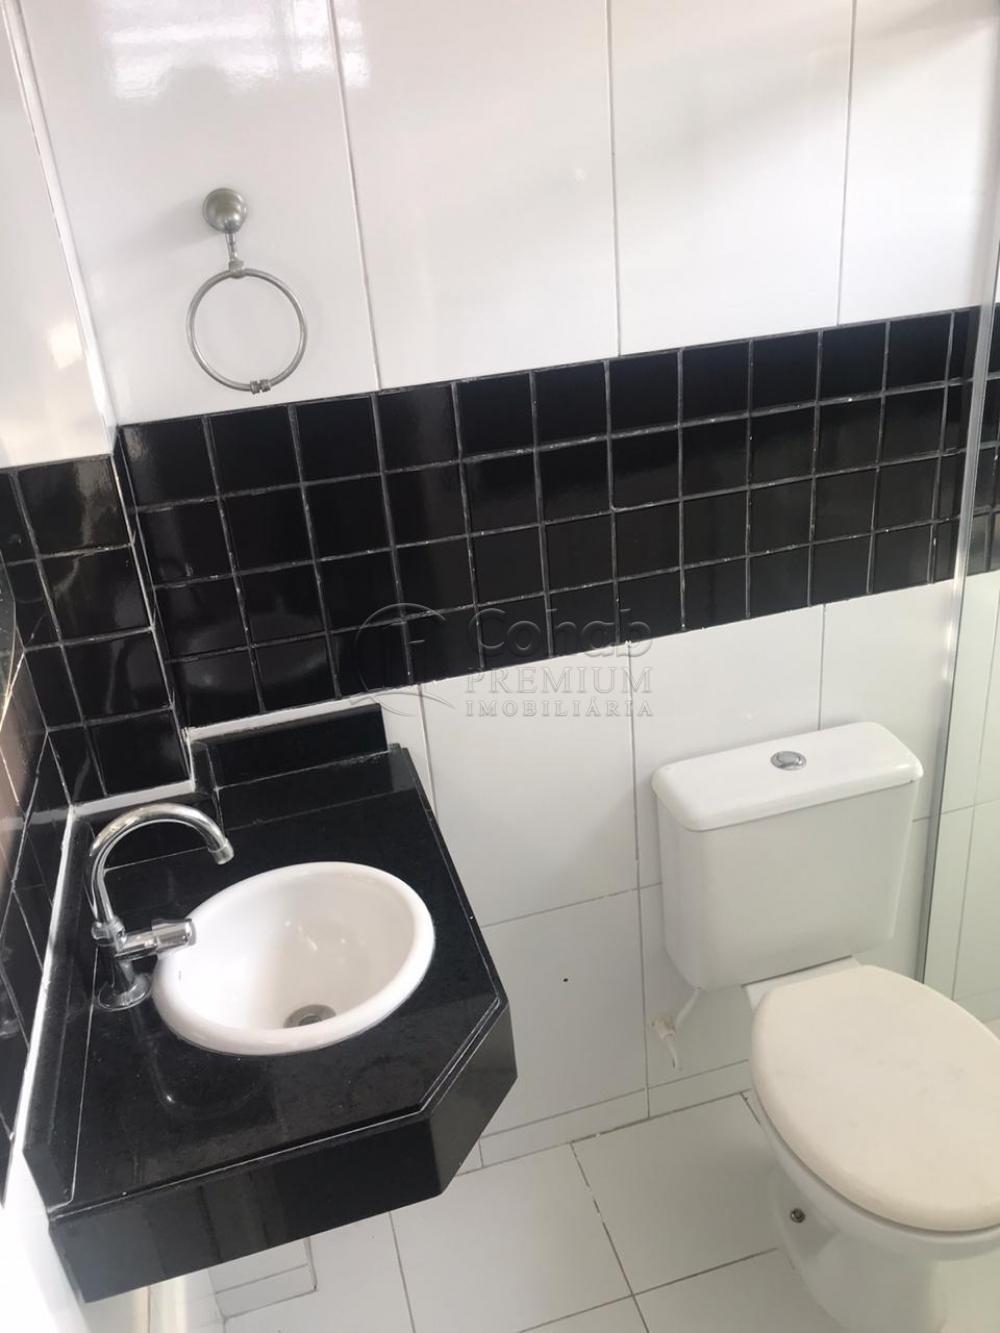 Comprar Apartamento / Padrão em Aracaju apenas R$ 155.000,00 - Foto 8